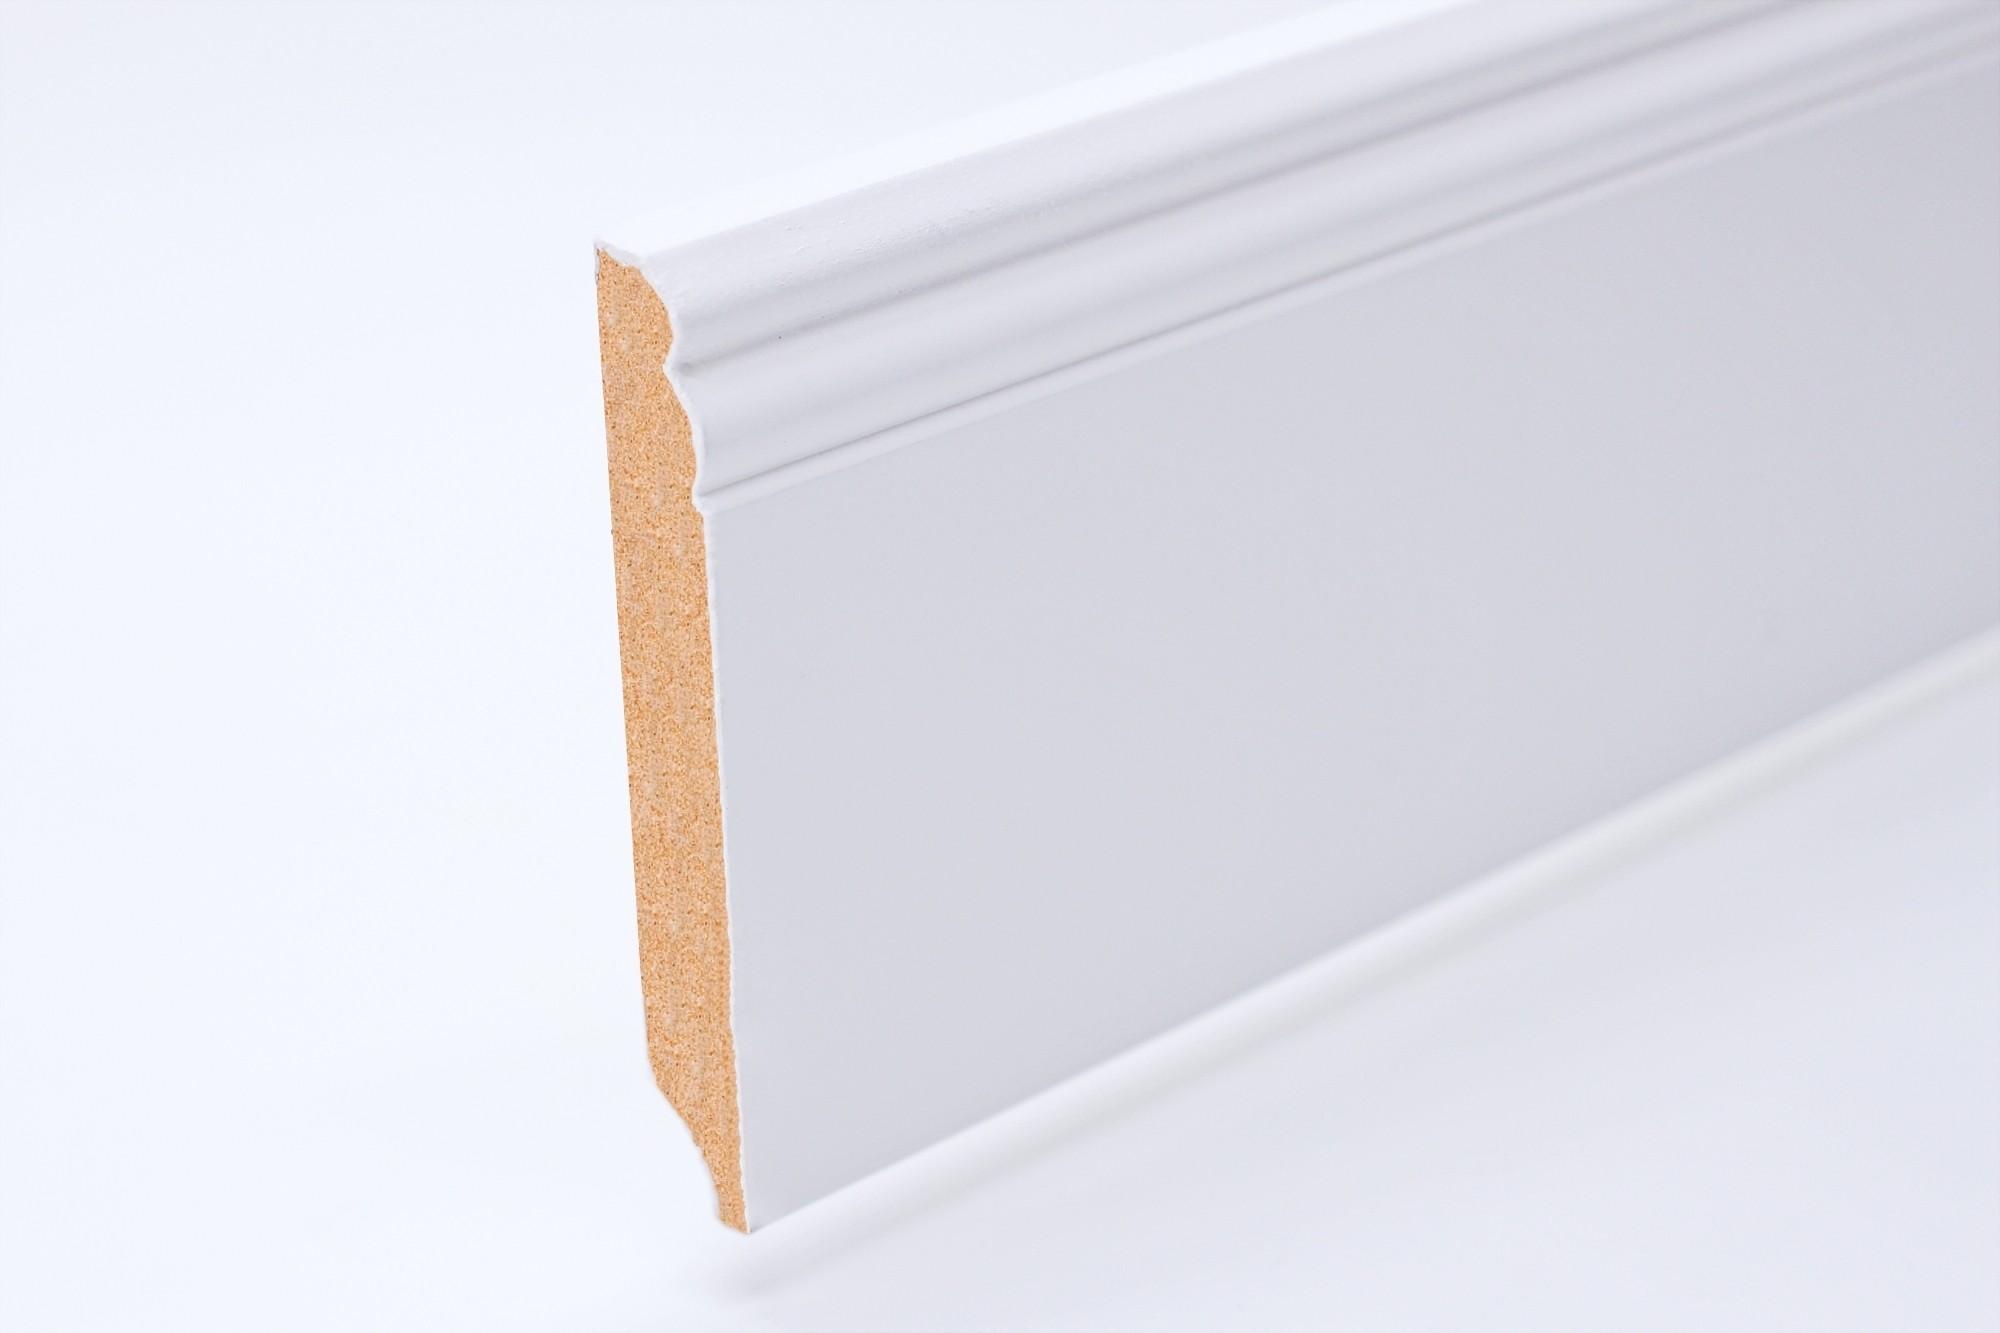 Sockelleiste (2400 x 18 x 145) Altdeutsch weiß lackiert - Interio